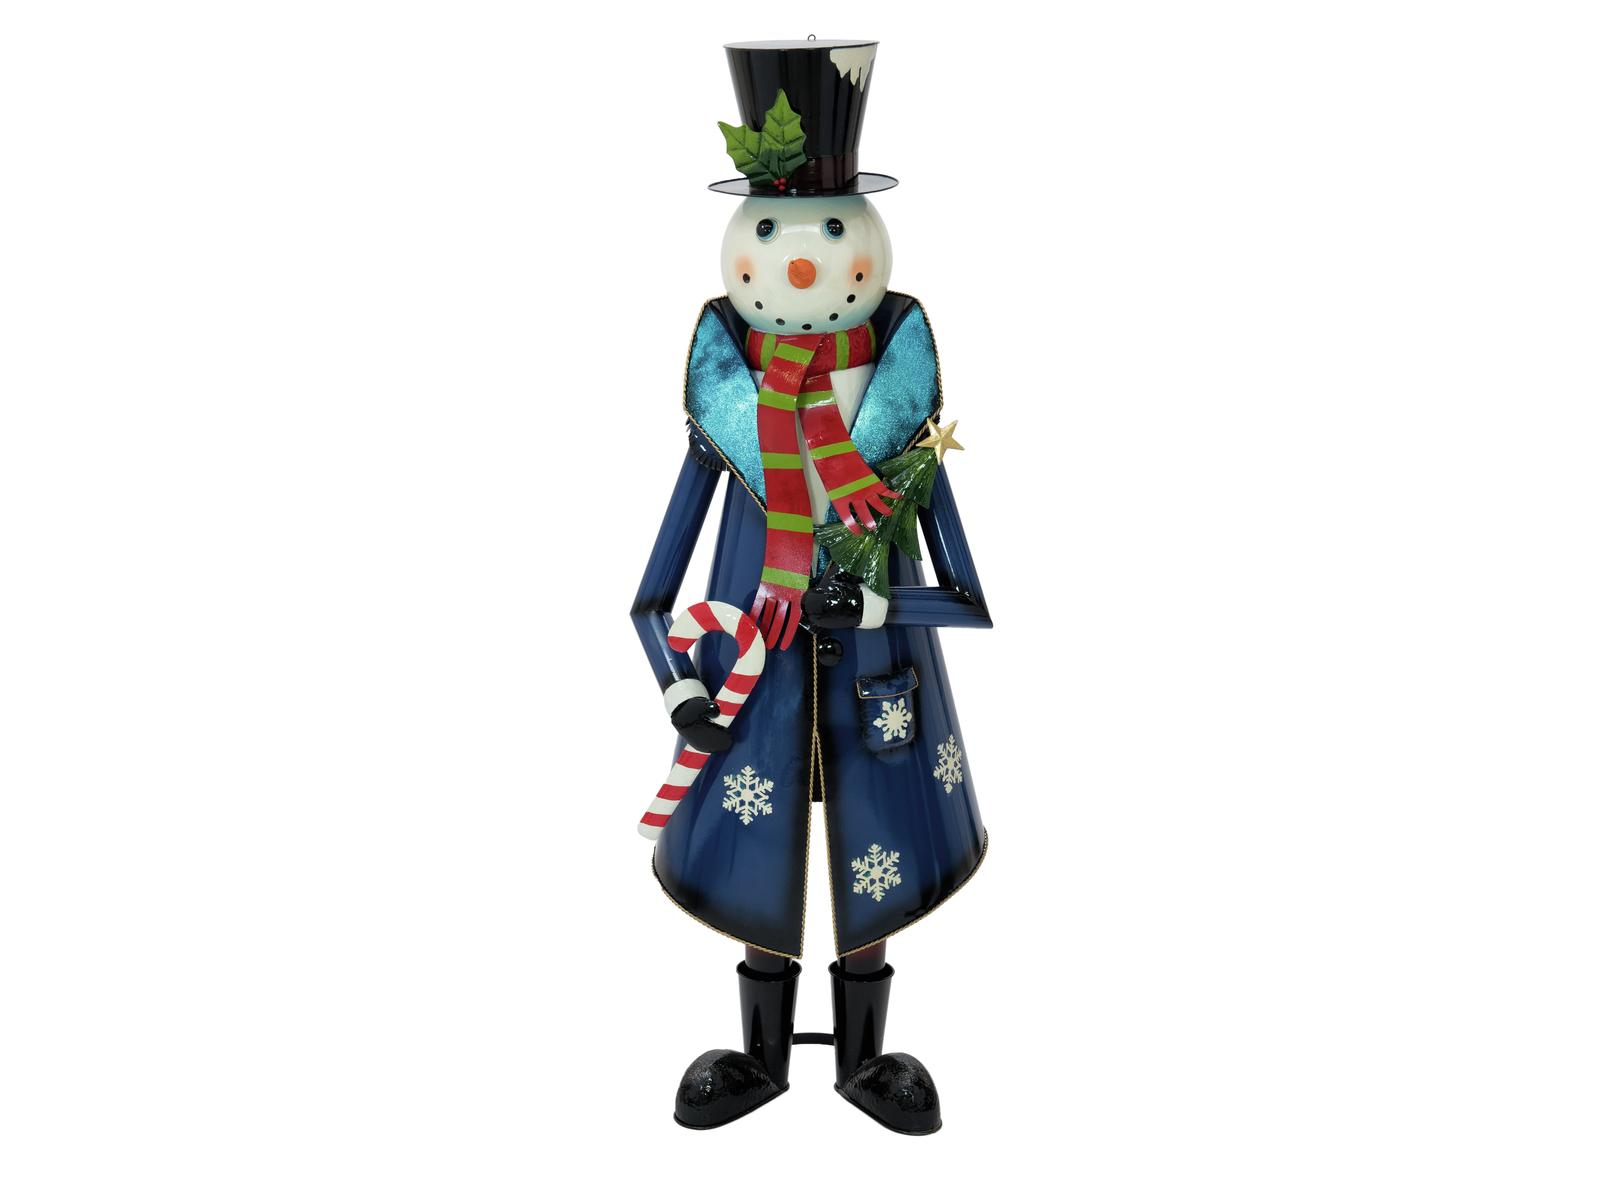 Figurína sněhuláka v kabátu, kovová, 150cm, modrá